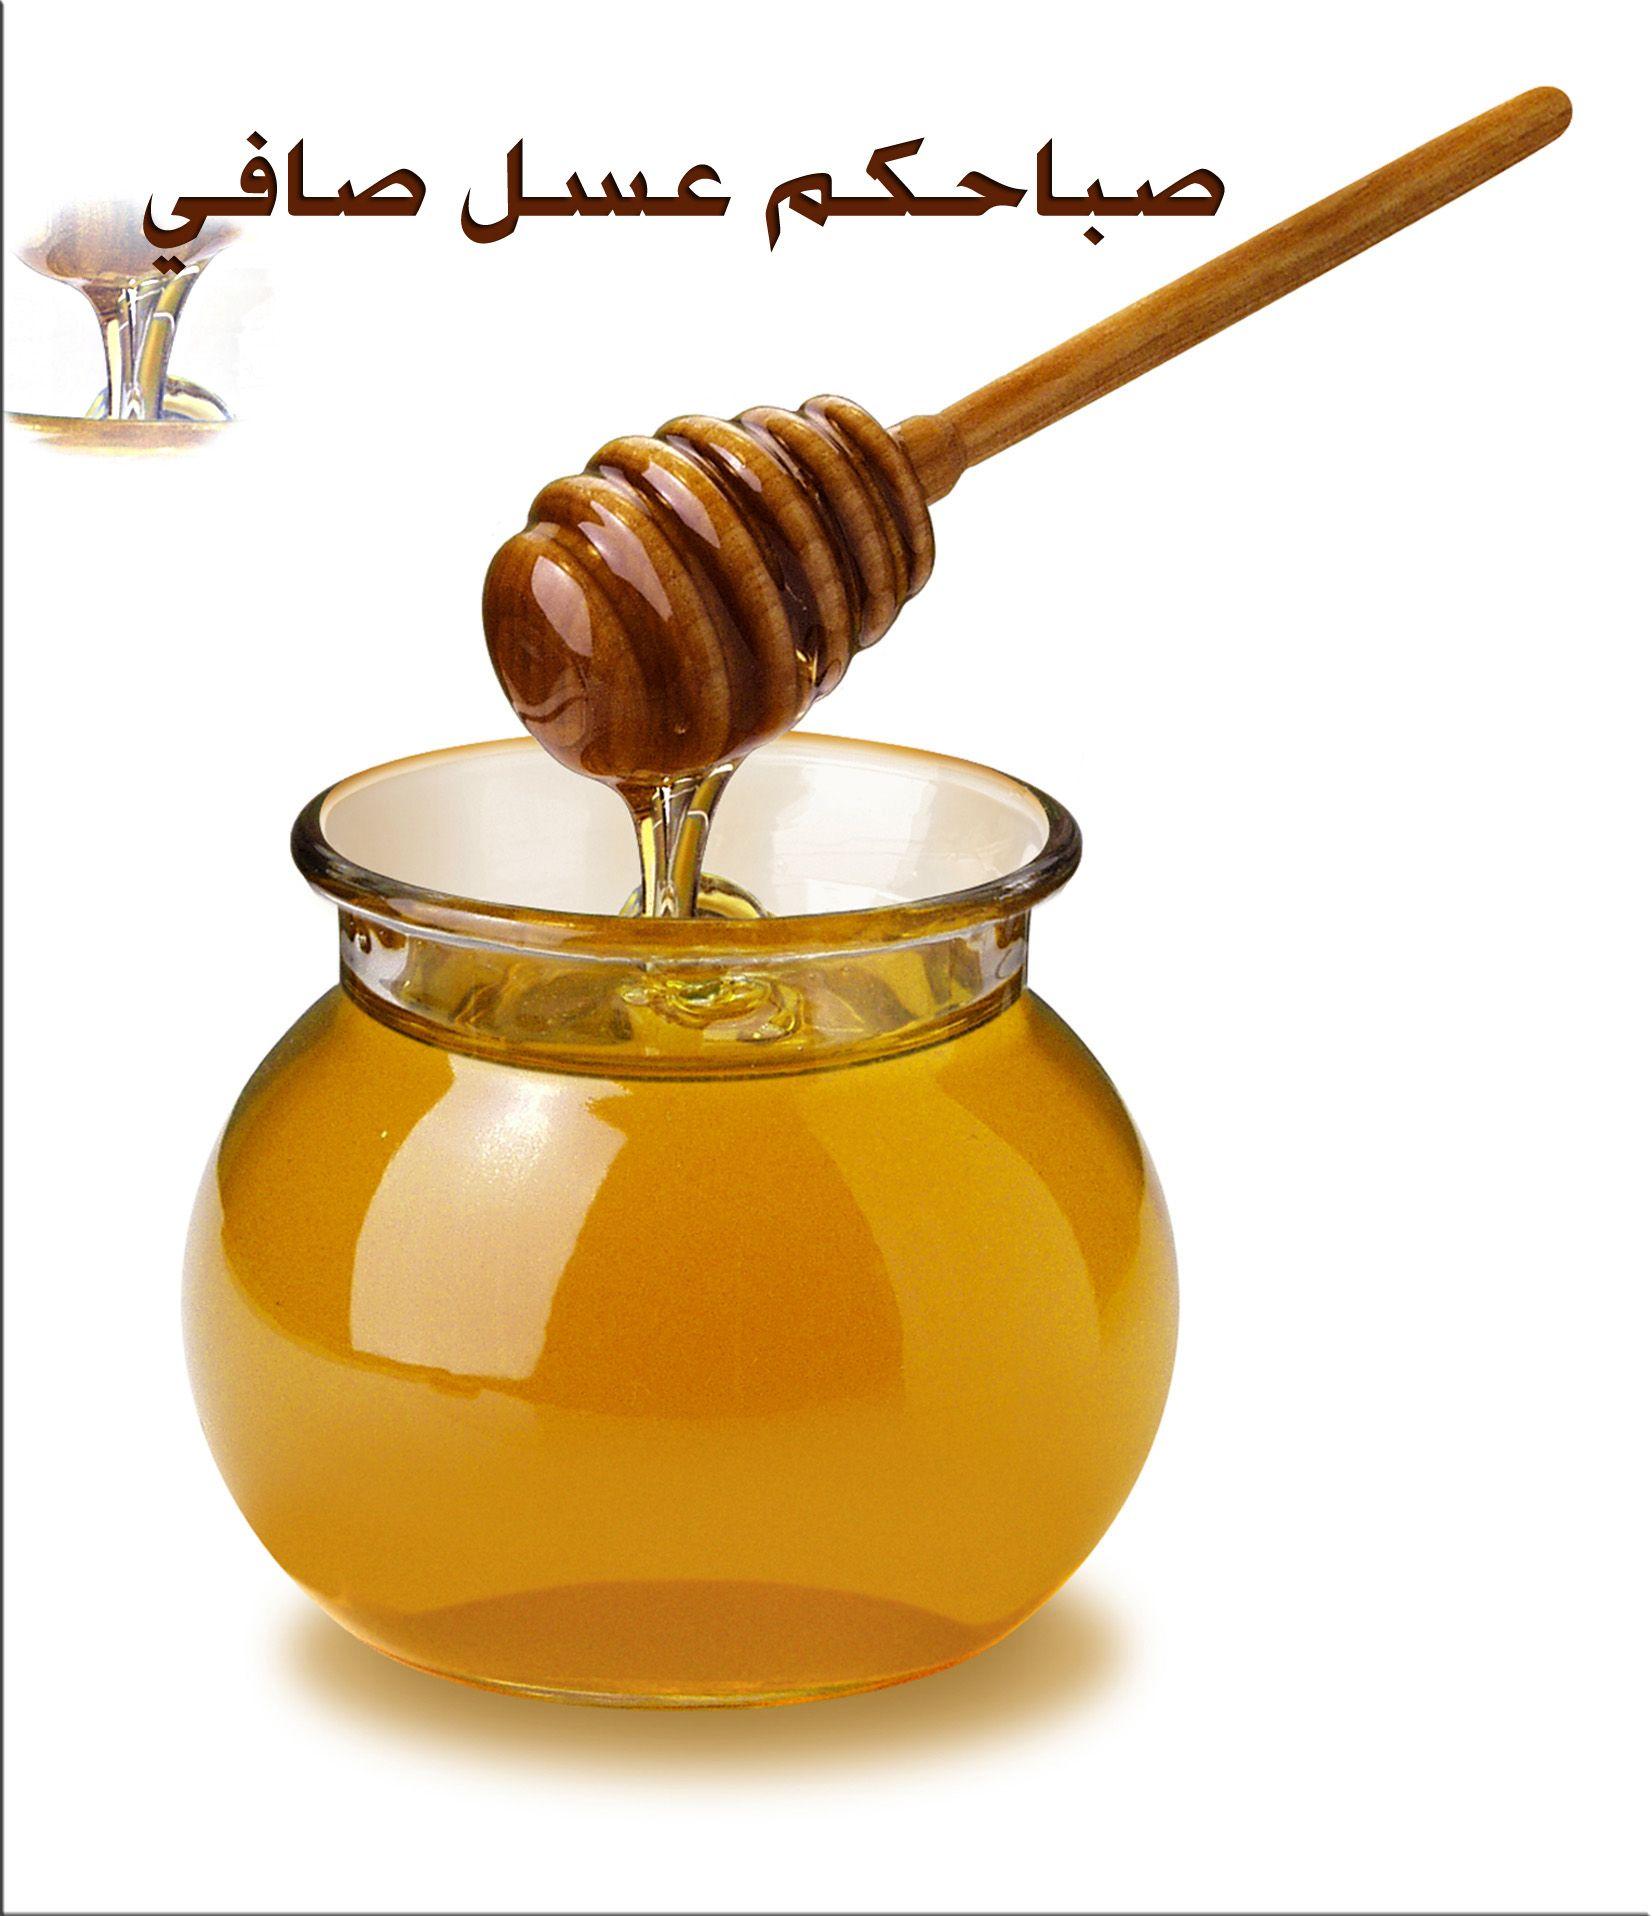 صور صور صباح العسل , رمزيات صباح العسل